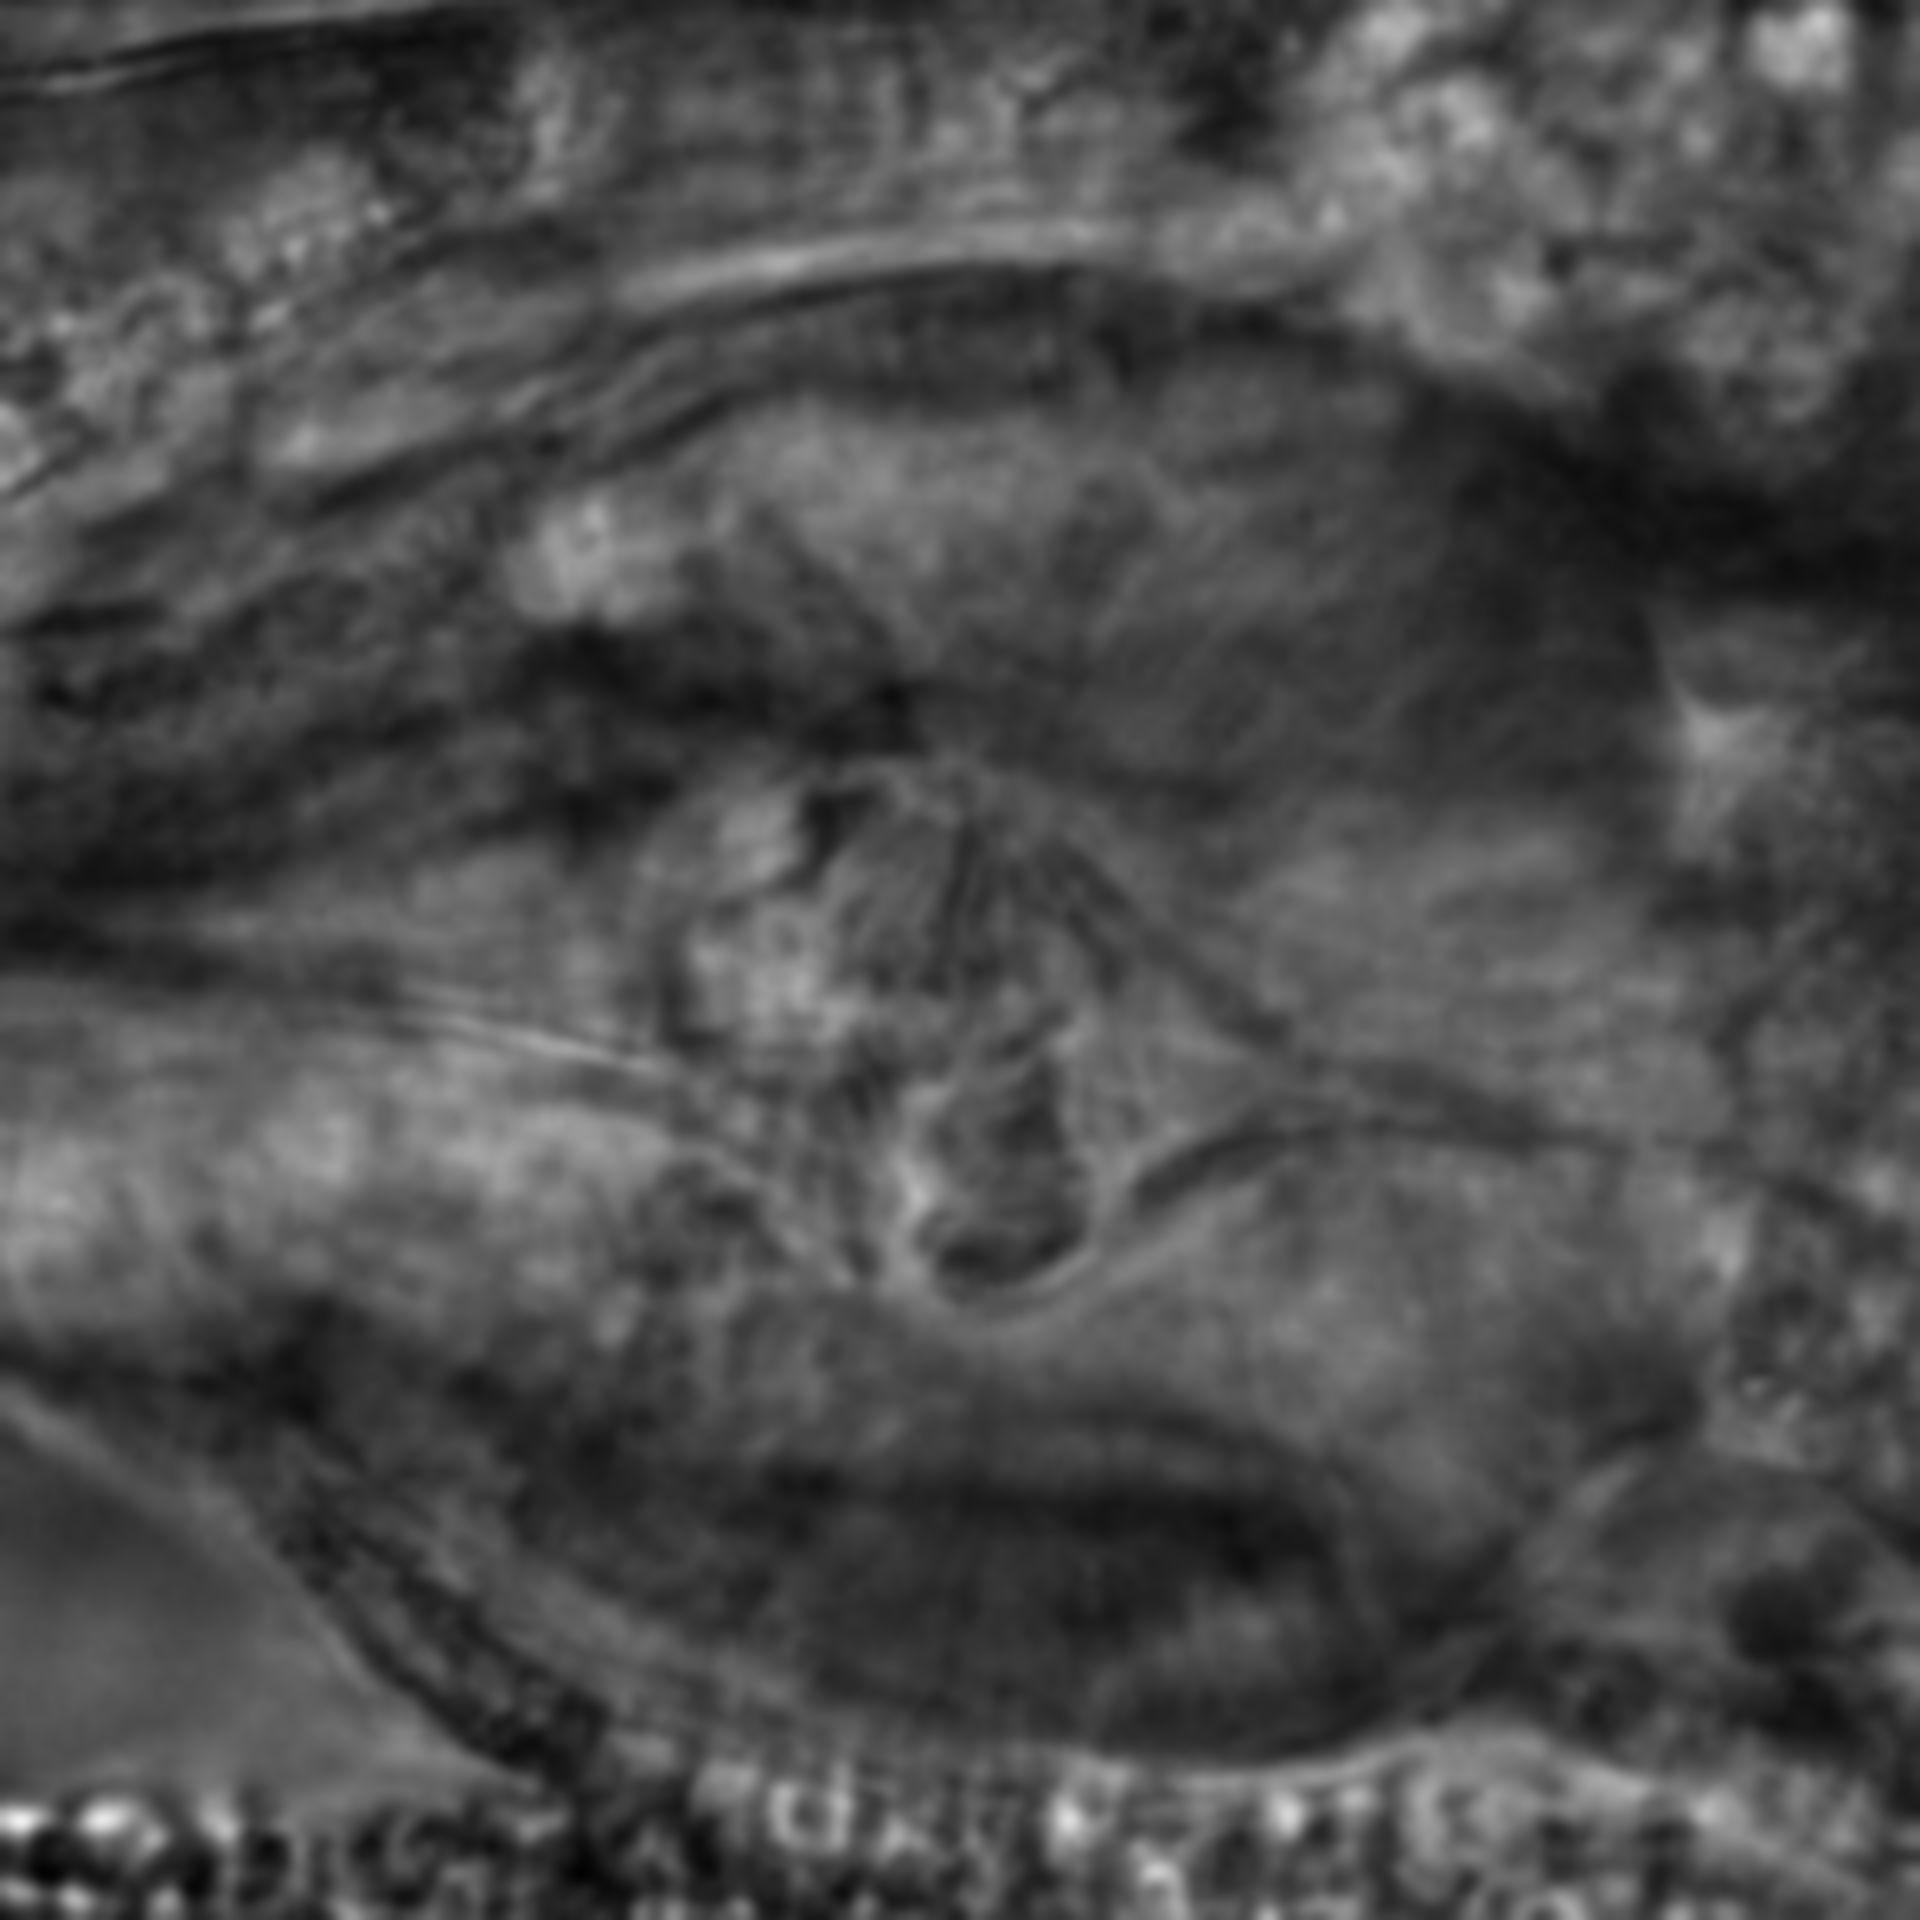 Caenorhabditis elegans - CIL:2786